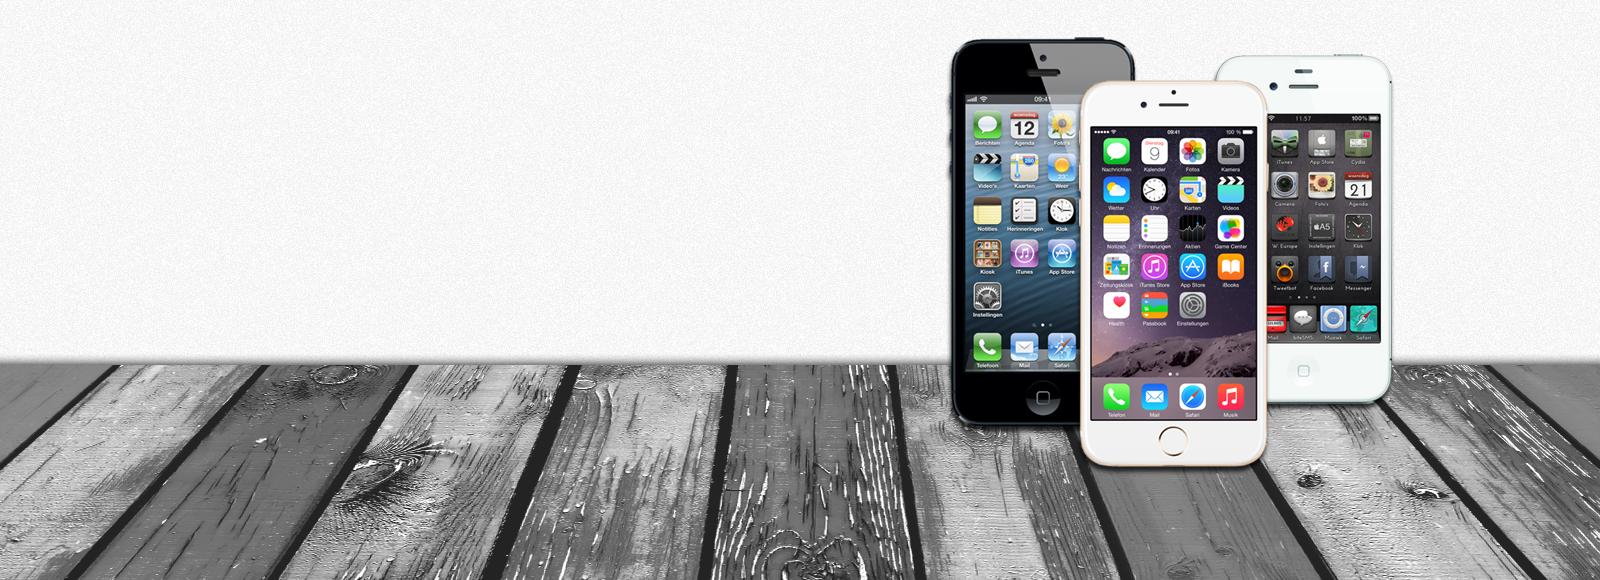 gebruikte iphone 4